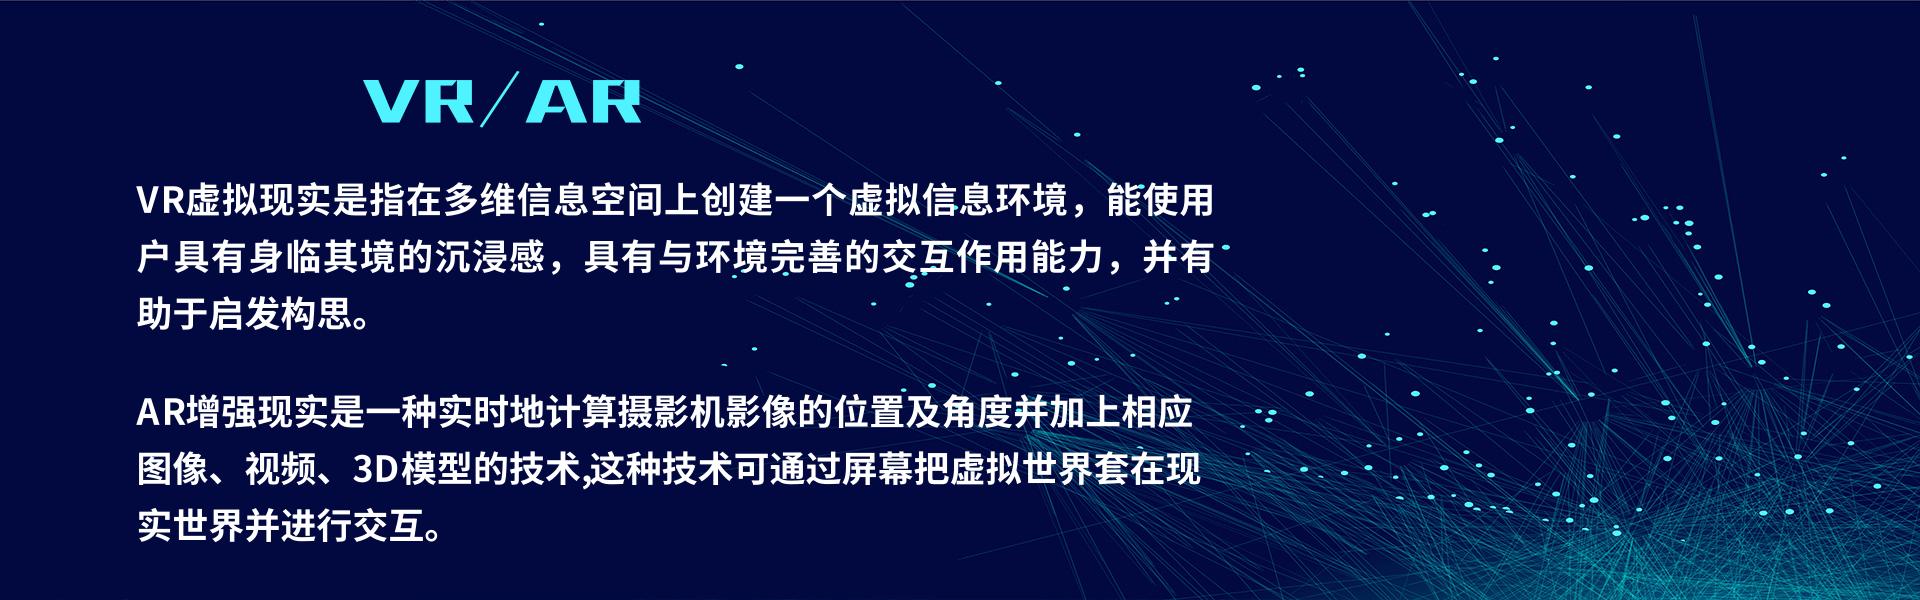 科技风活动会议banner@凡科快图